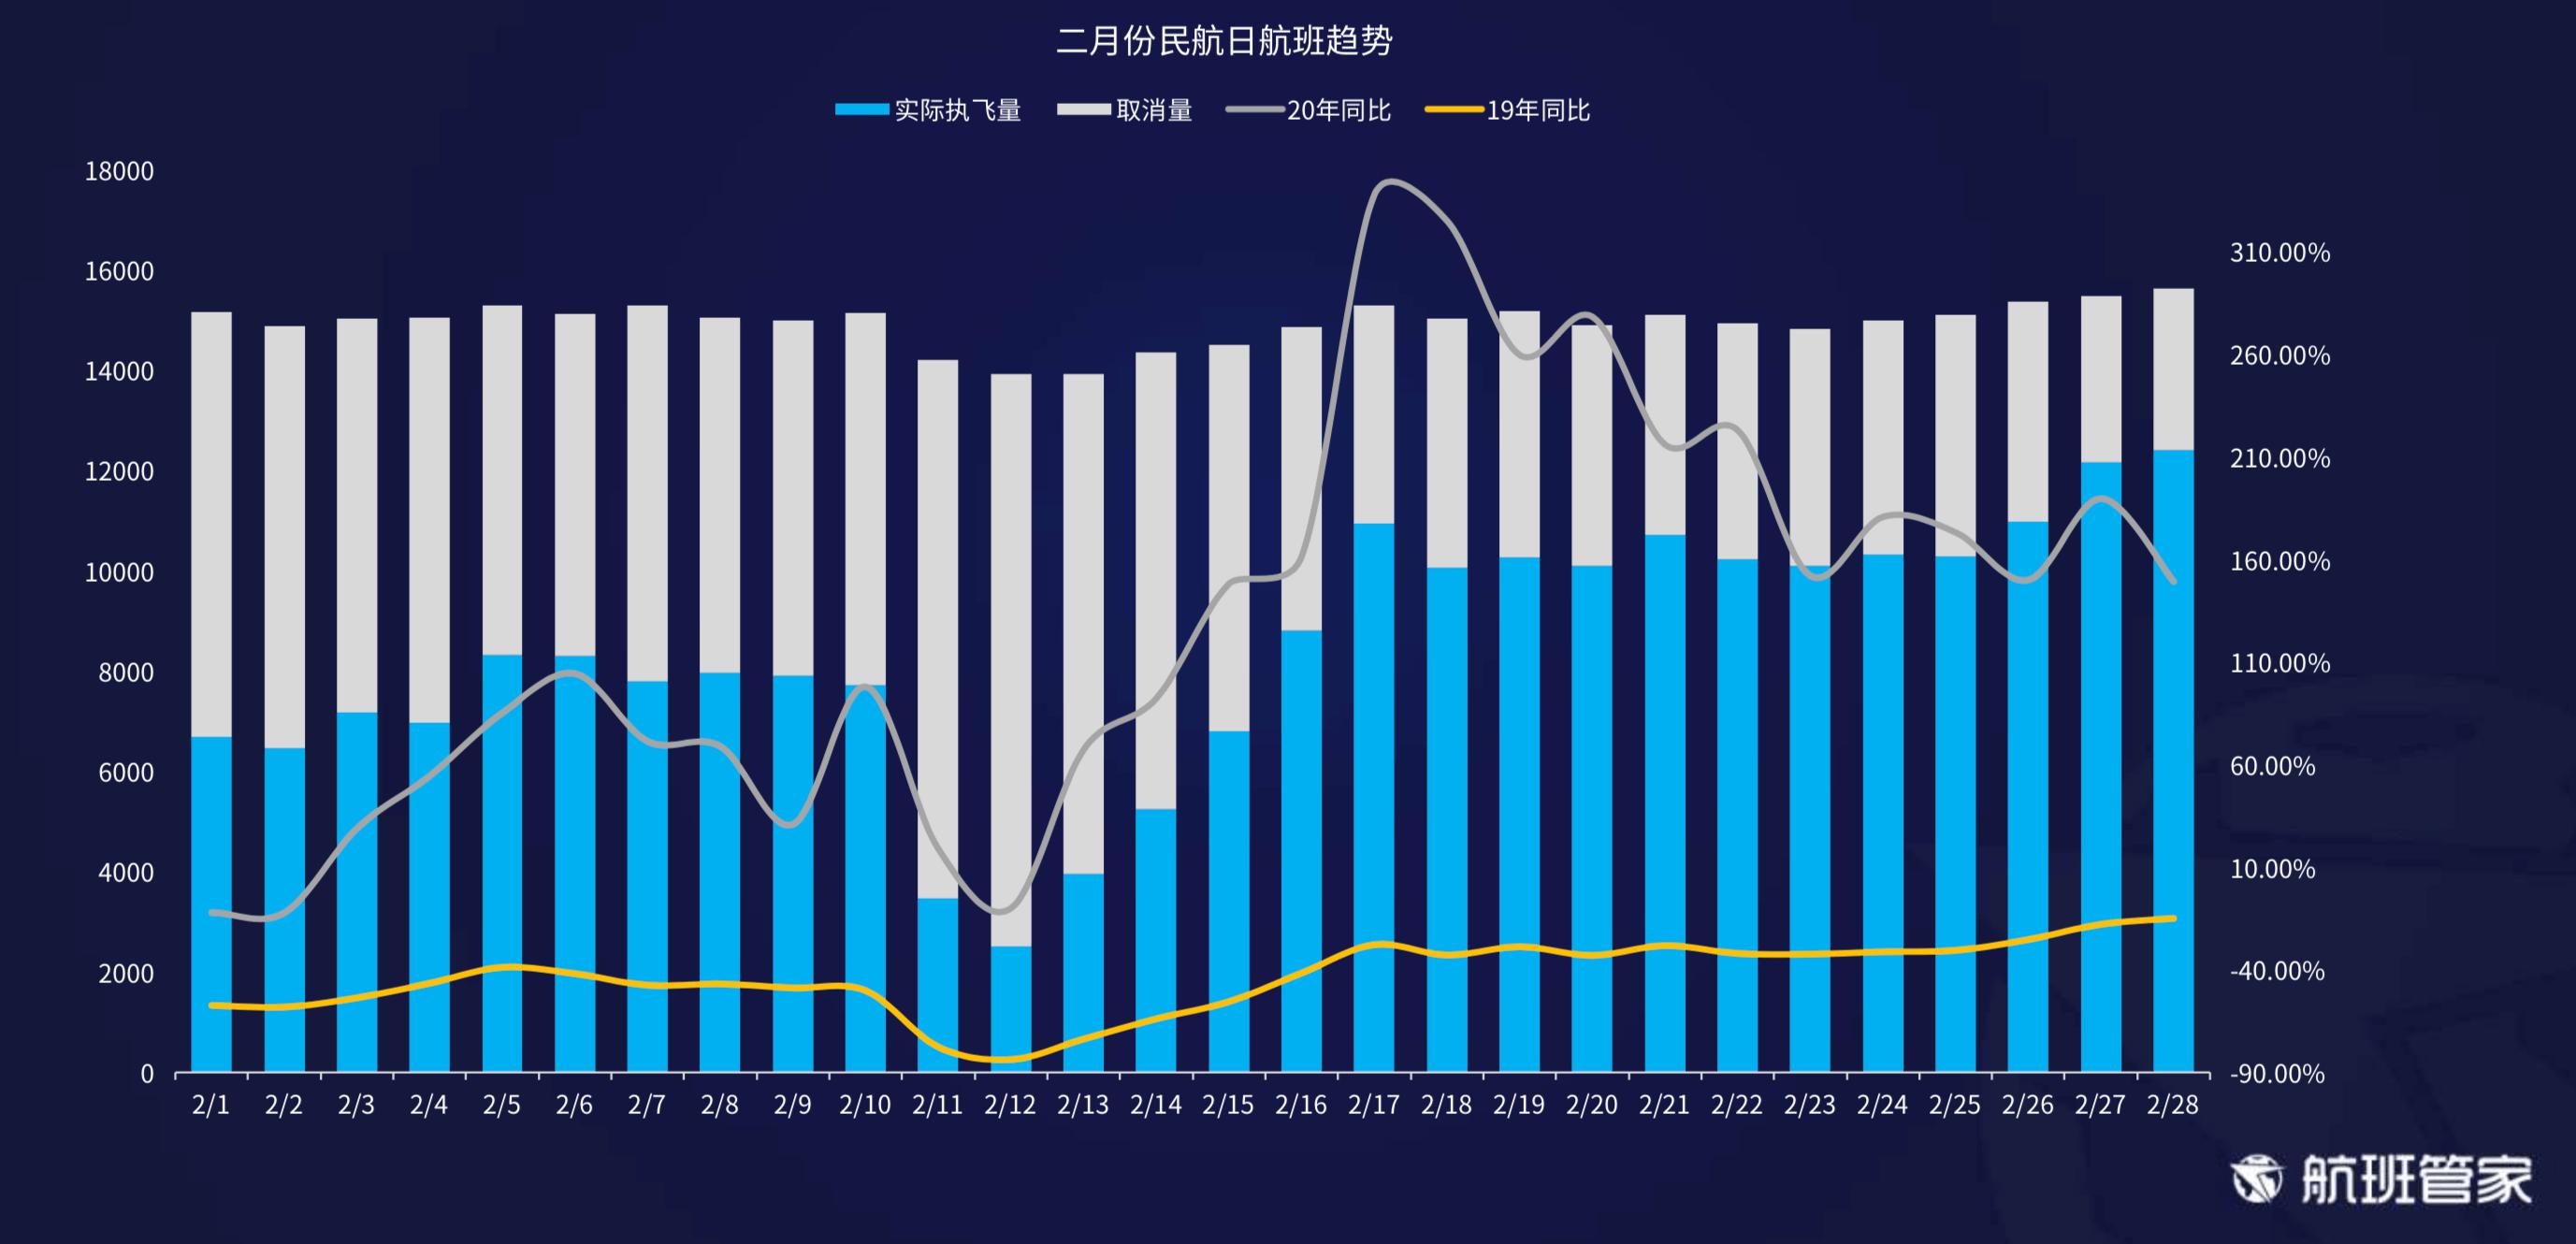 航班管家发布《2月中国及主要国家民航恢复情况》报告